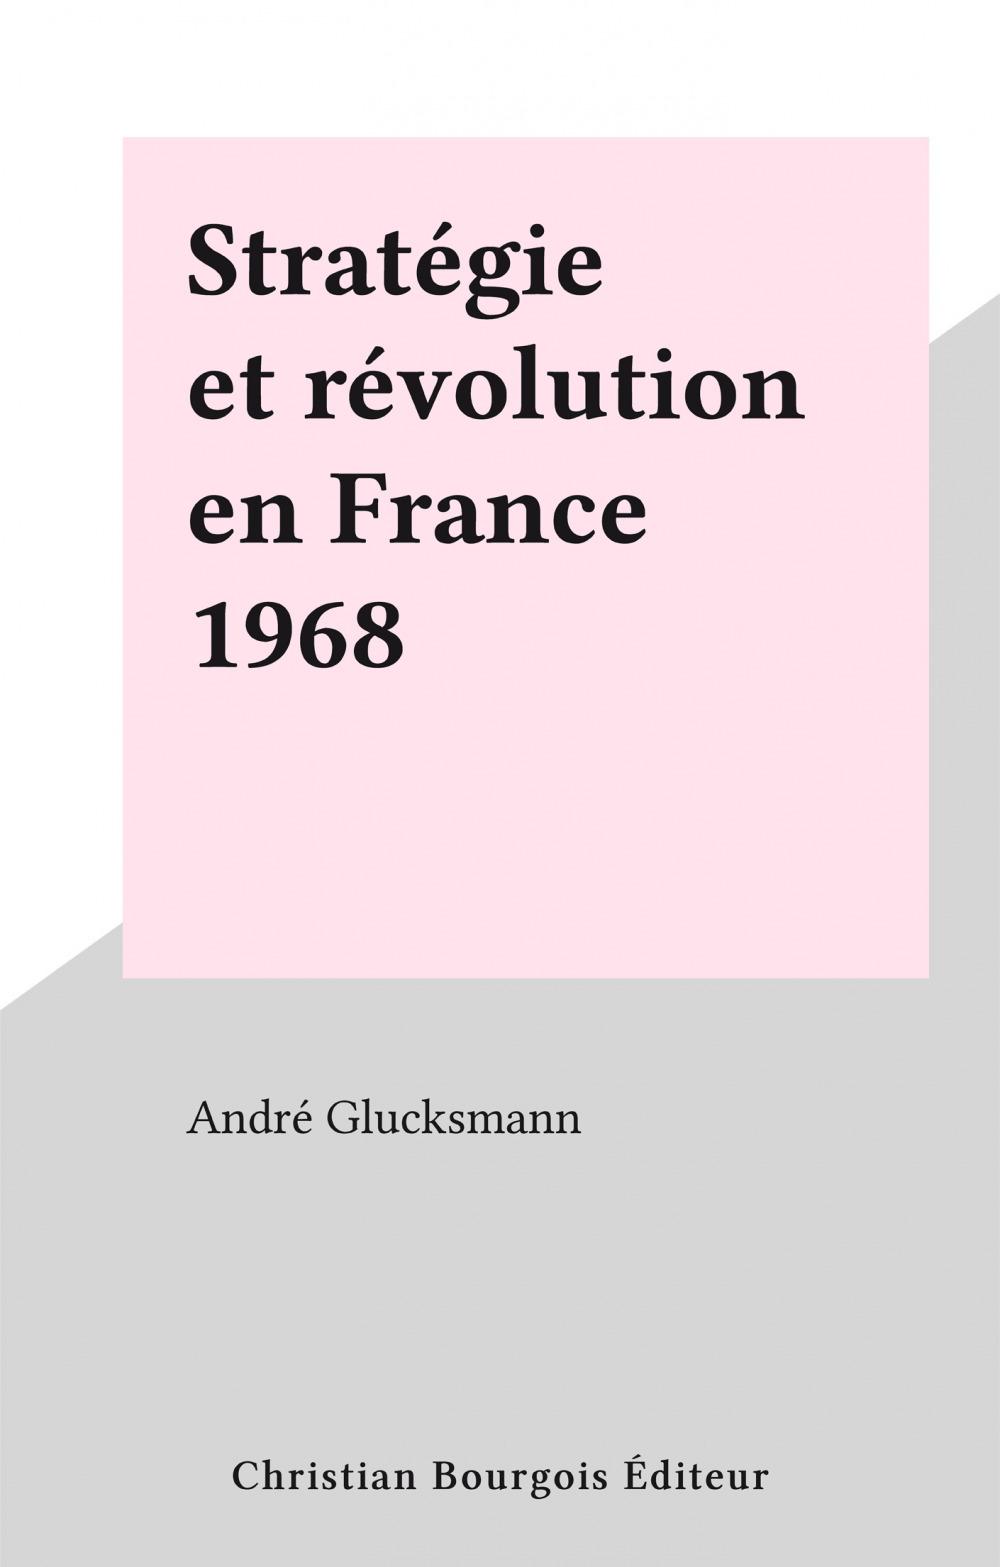 Stratégie et révolution en France 1968